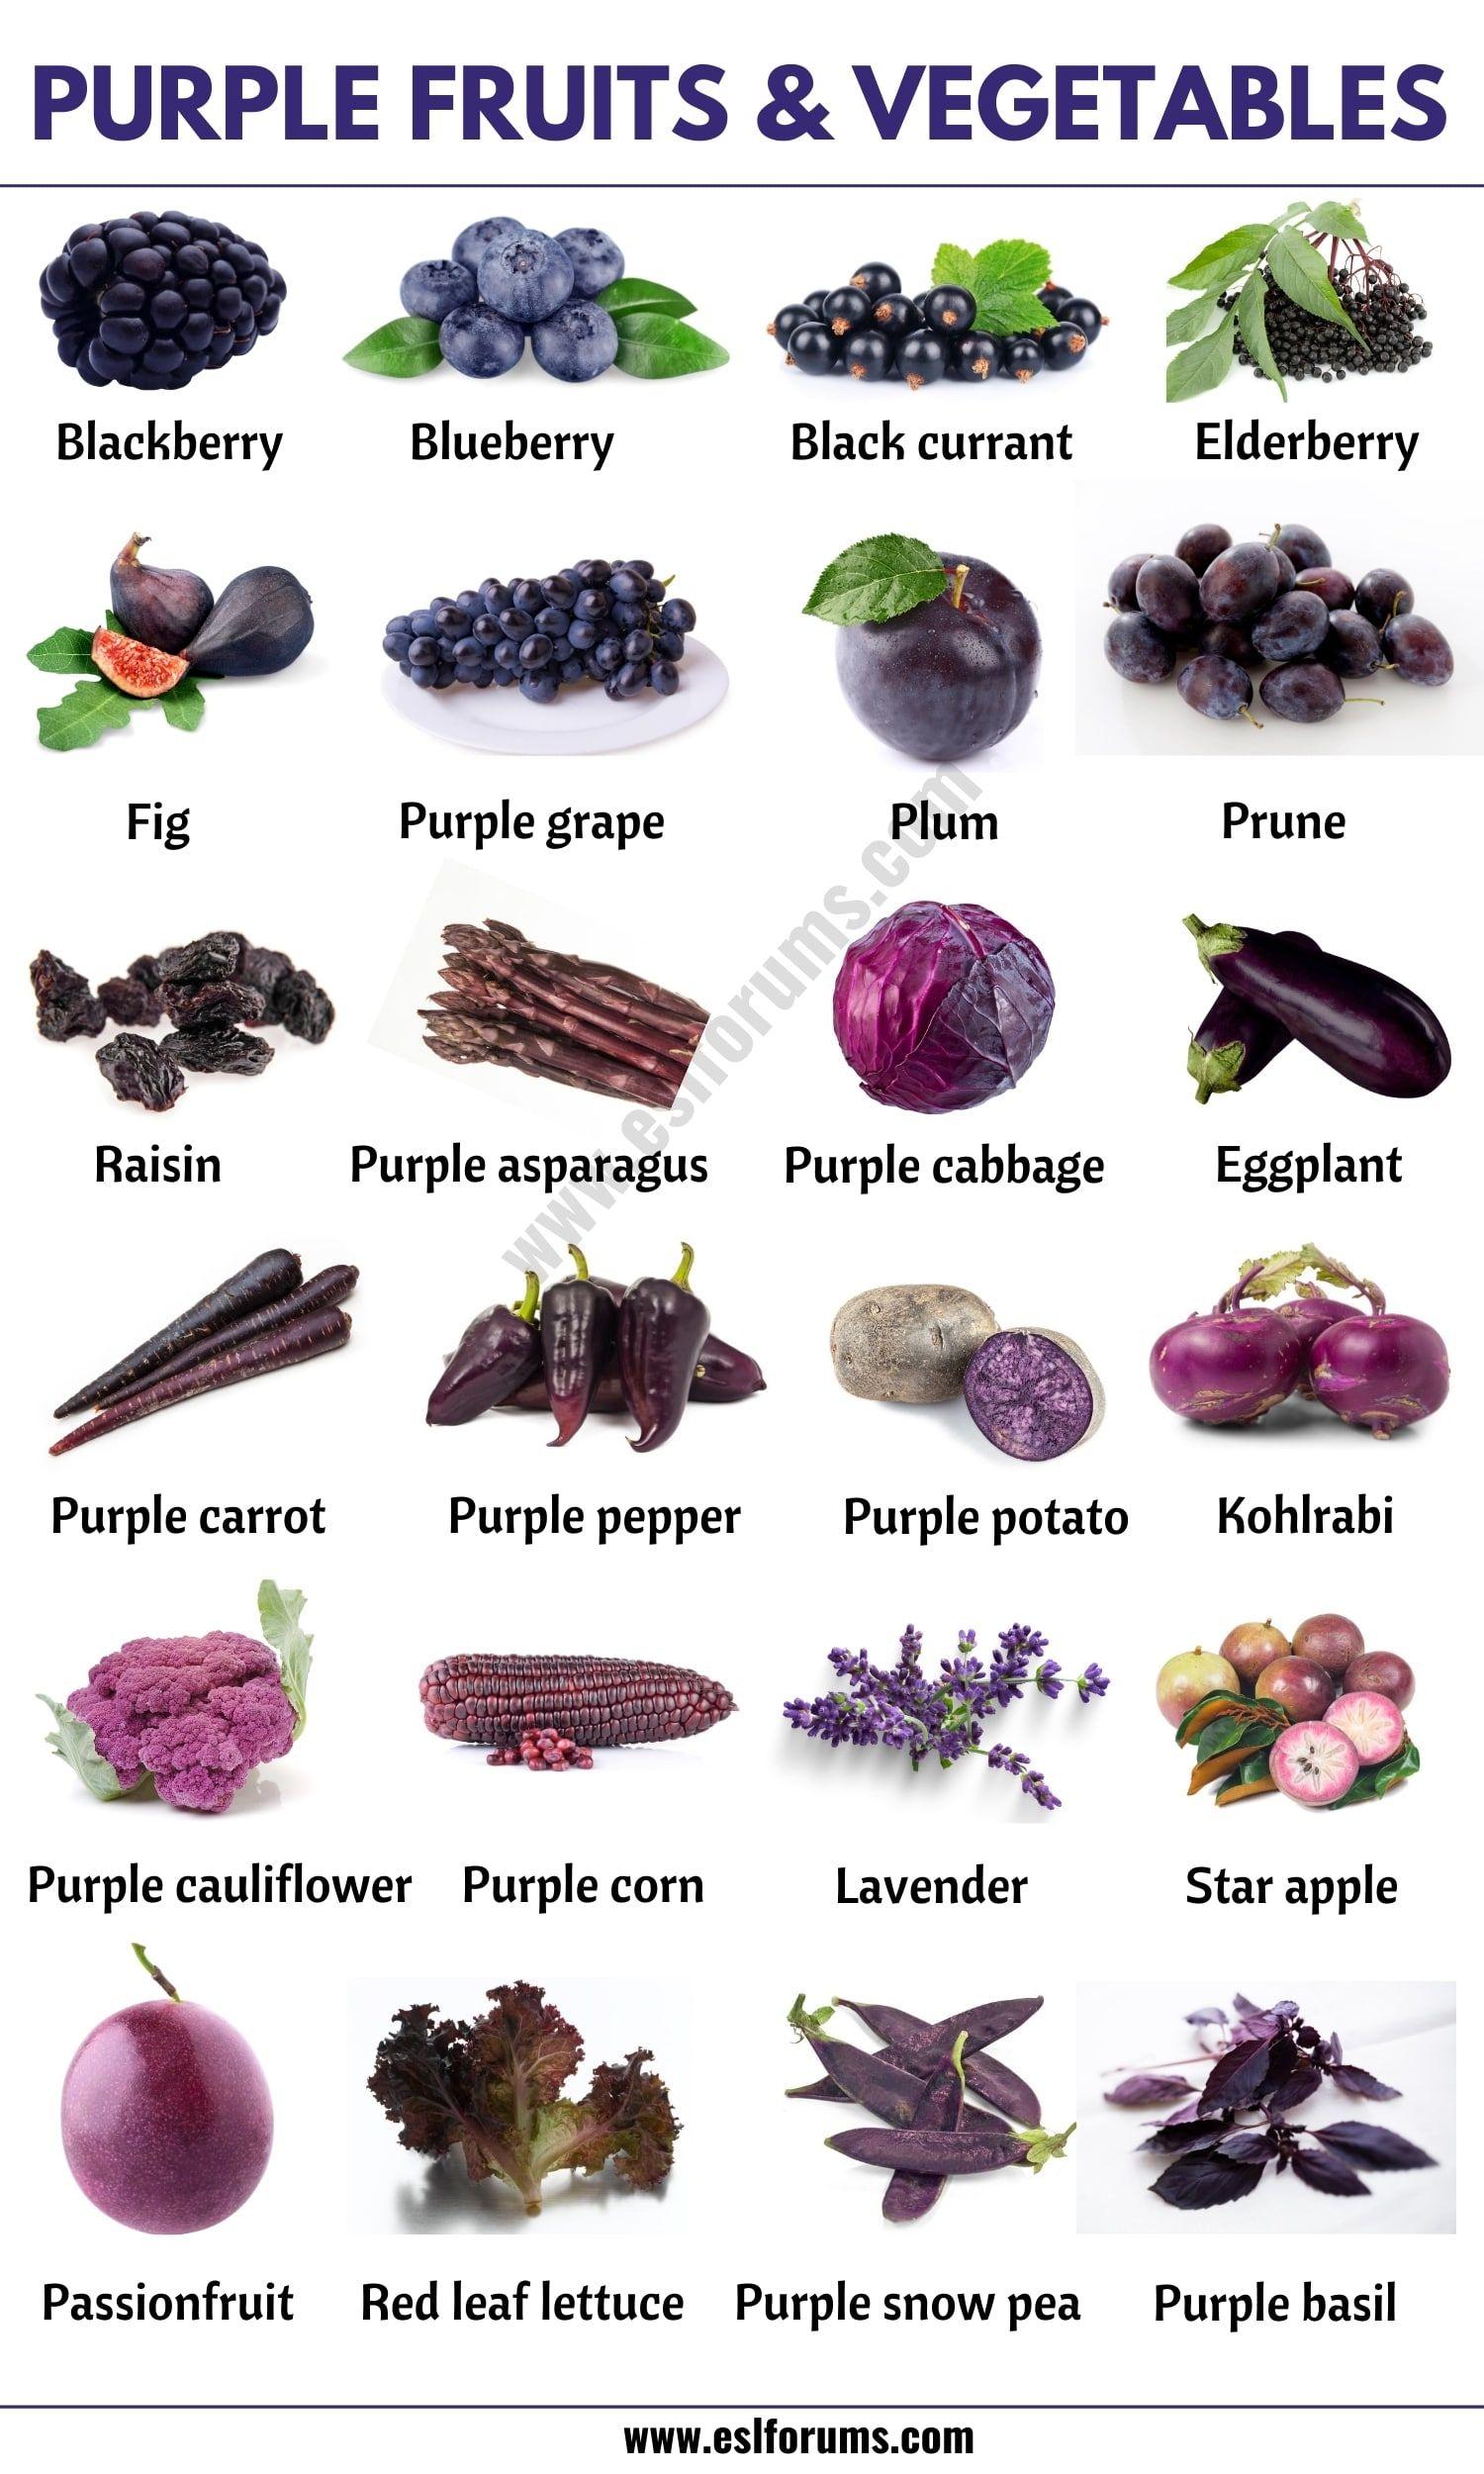 Purple Vegetables List Of 24 Purple Fruits And Vegetables In English Esl Forums Purple Vegetables Vegetables Purple Food